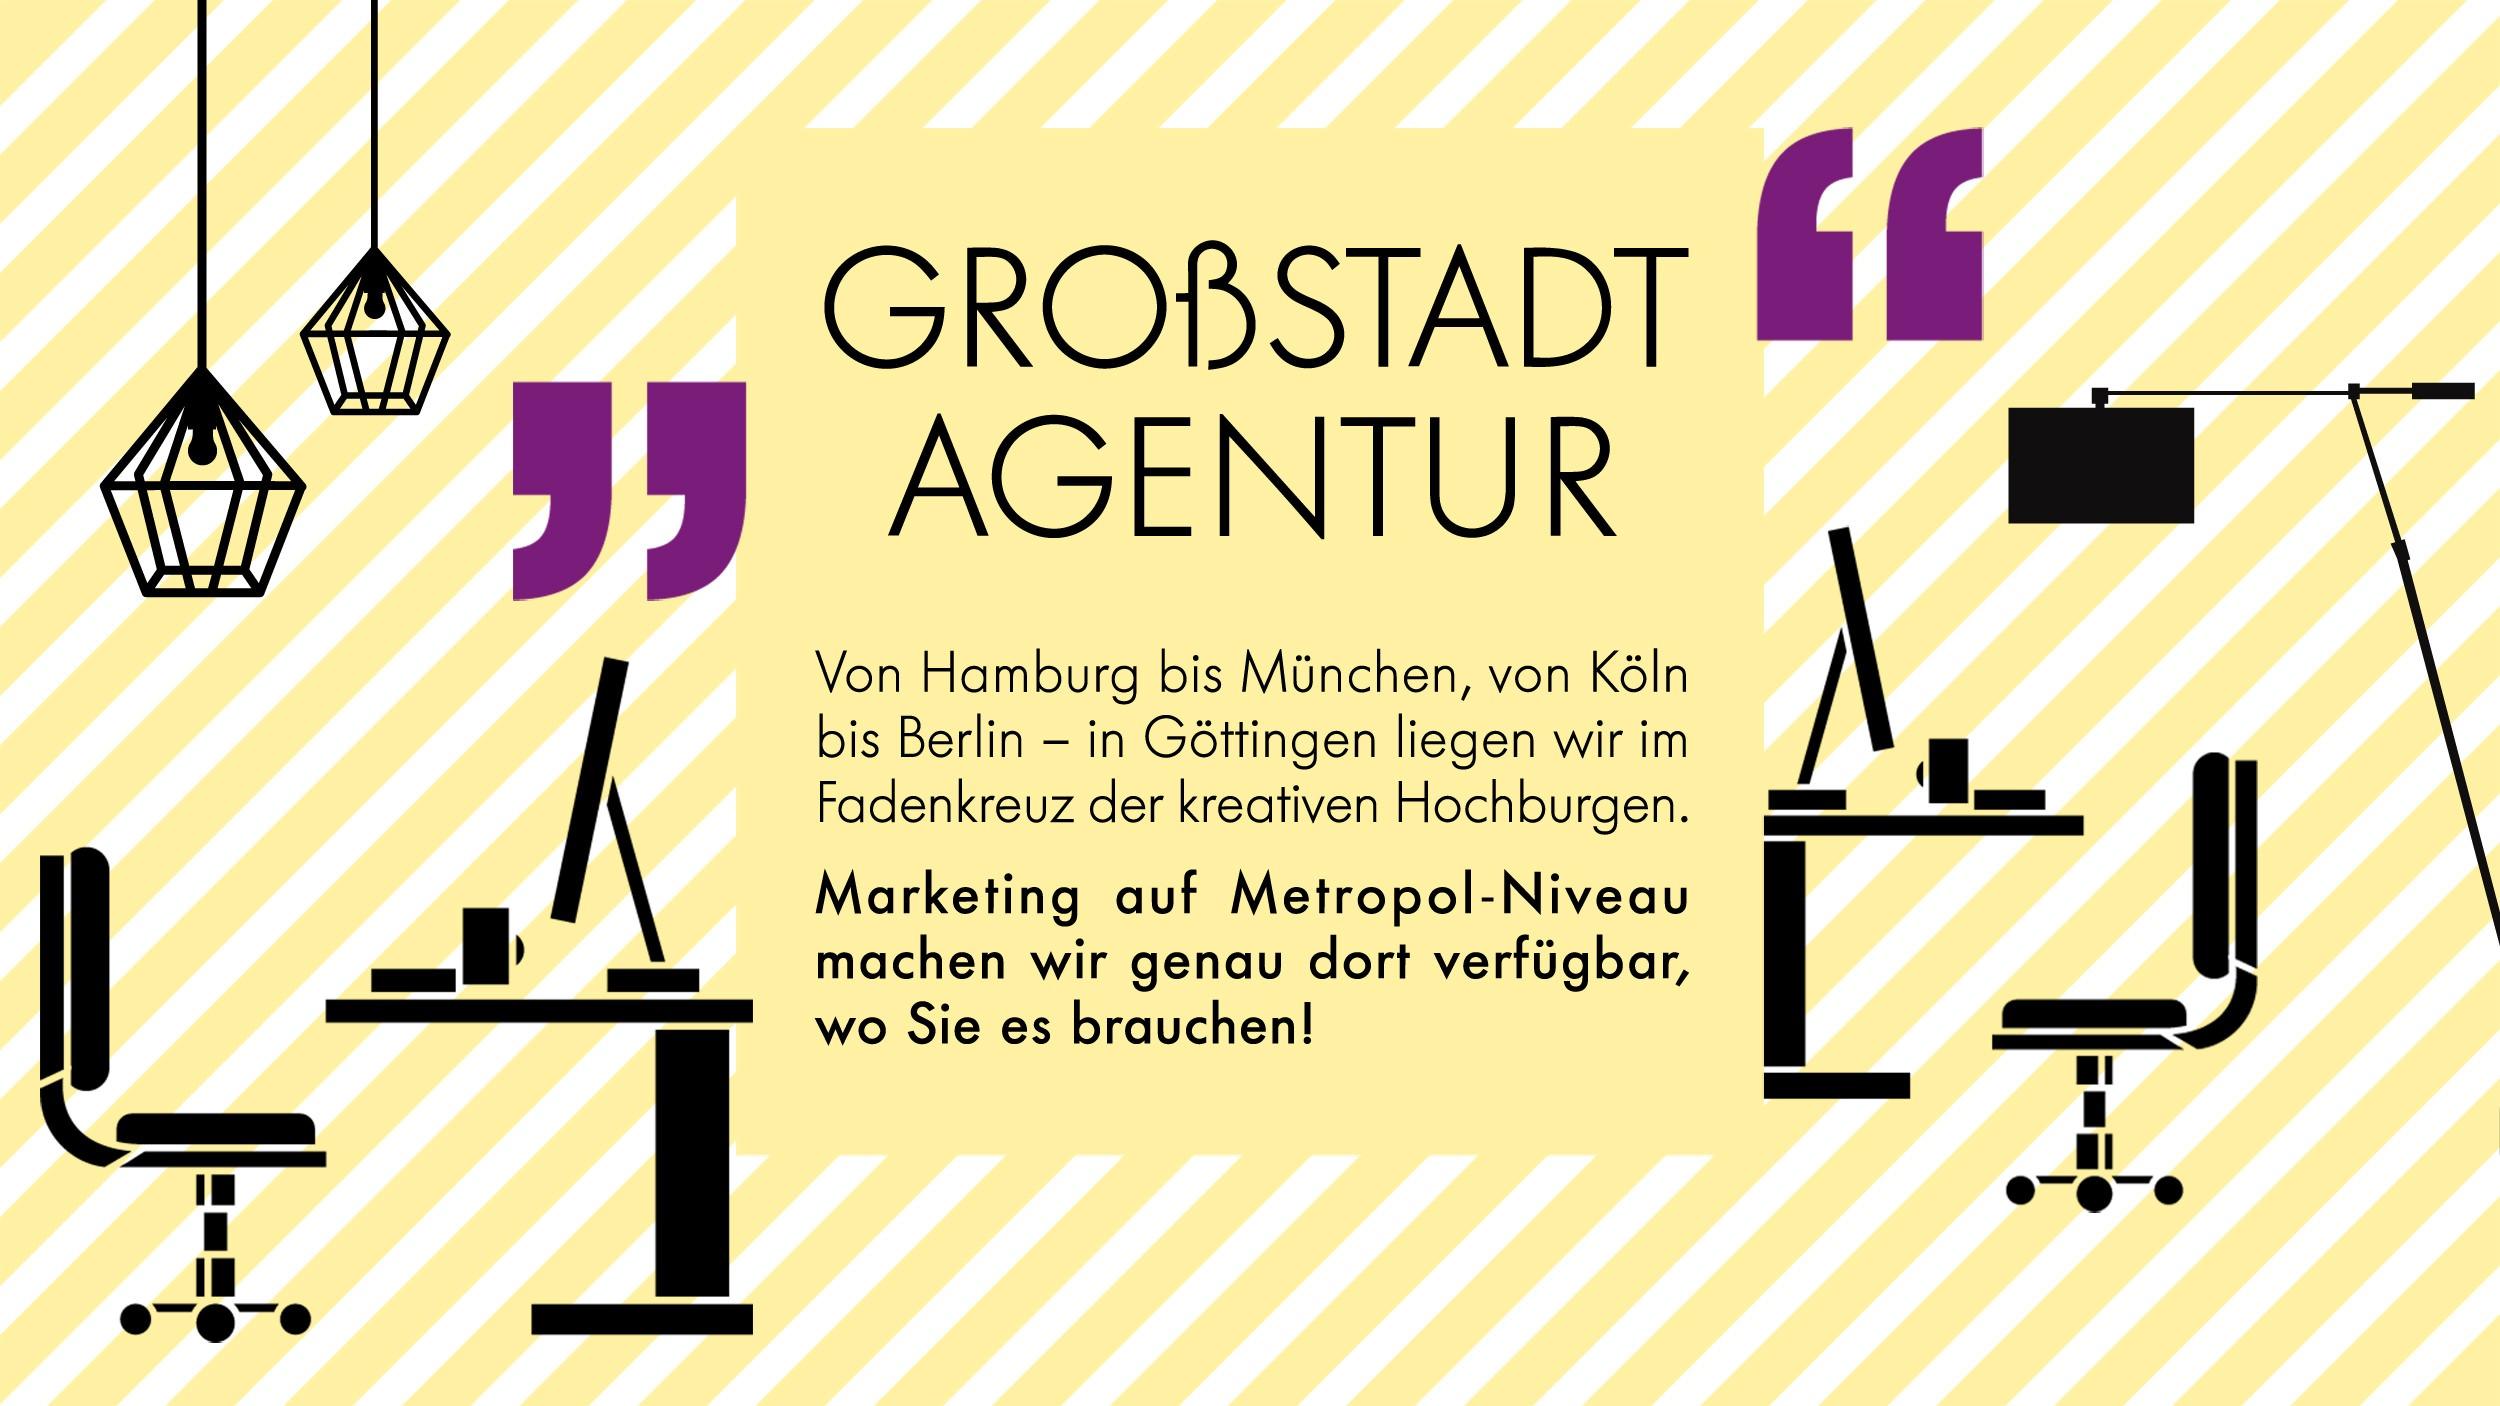 AMARETIS Agentur für Kommunikation Werbeagentur Göttingen Großstadt-Agentur Hamburg München Köln Berlin Fadenkreuz